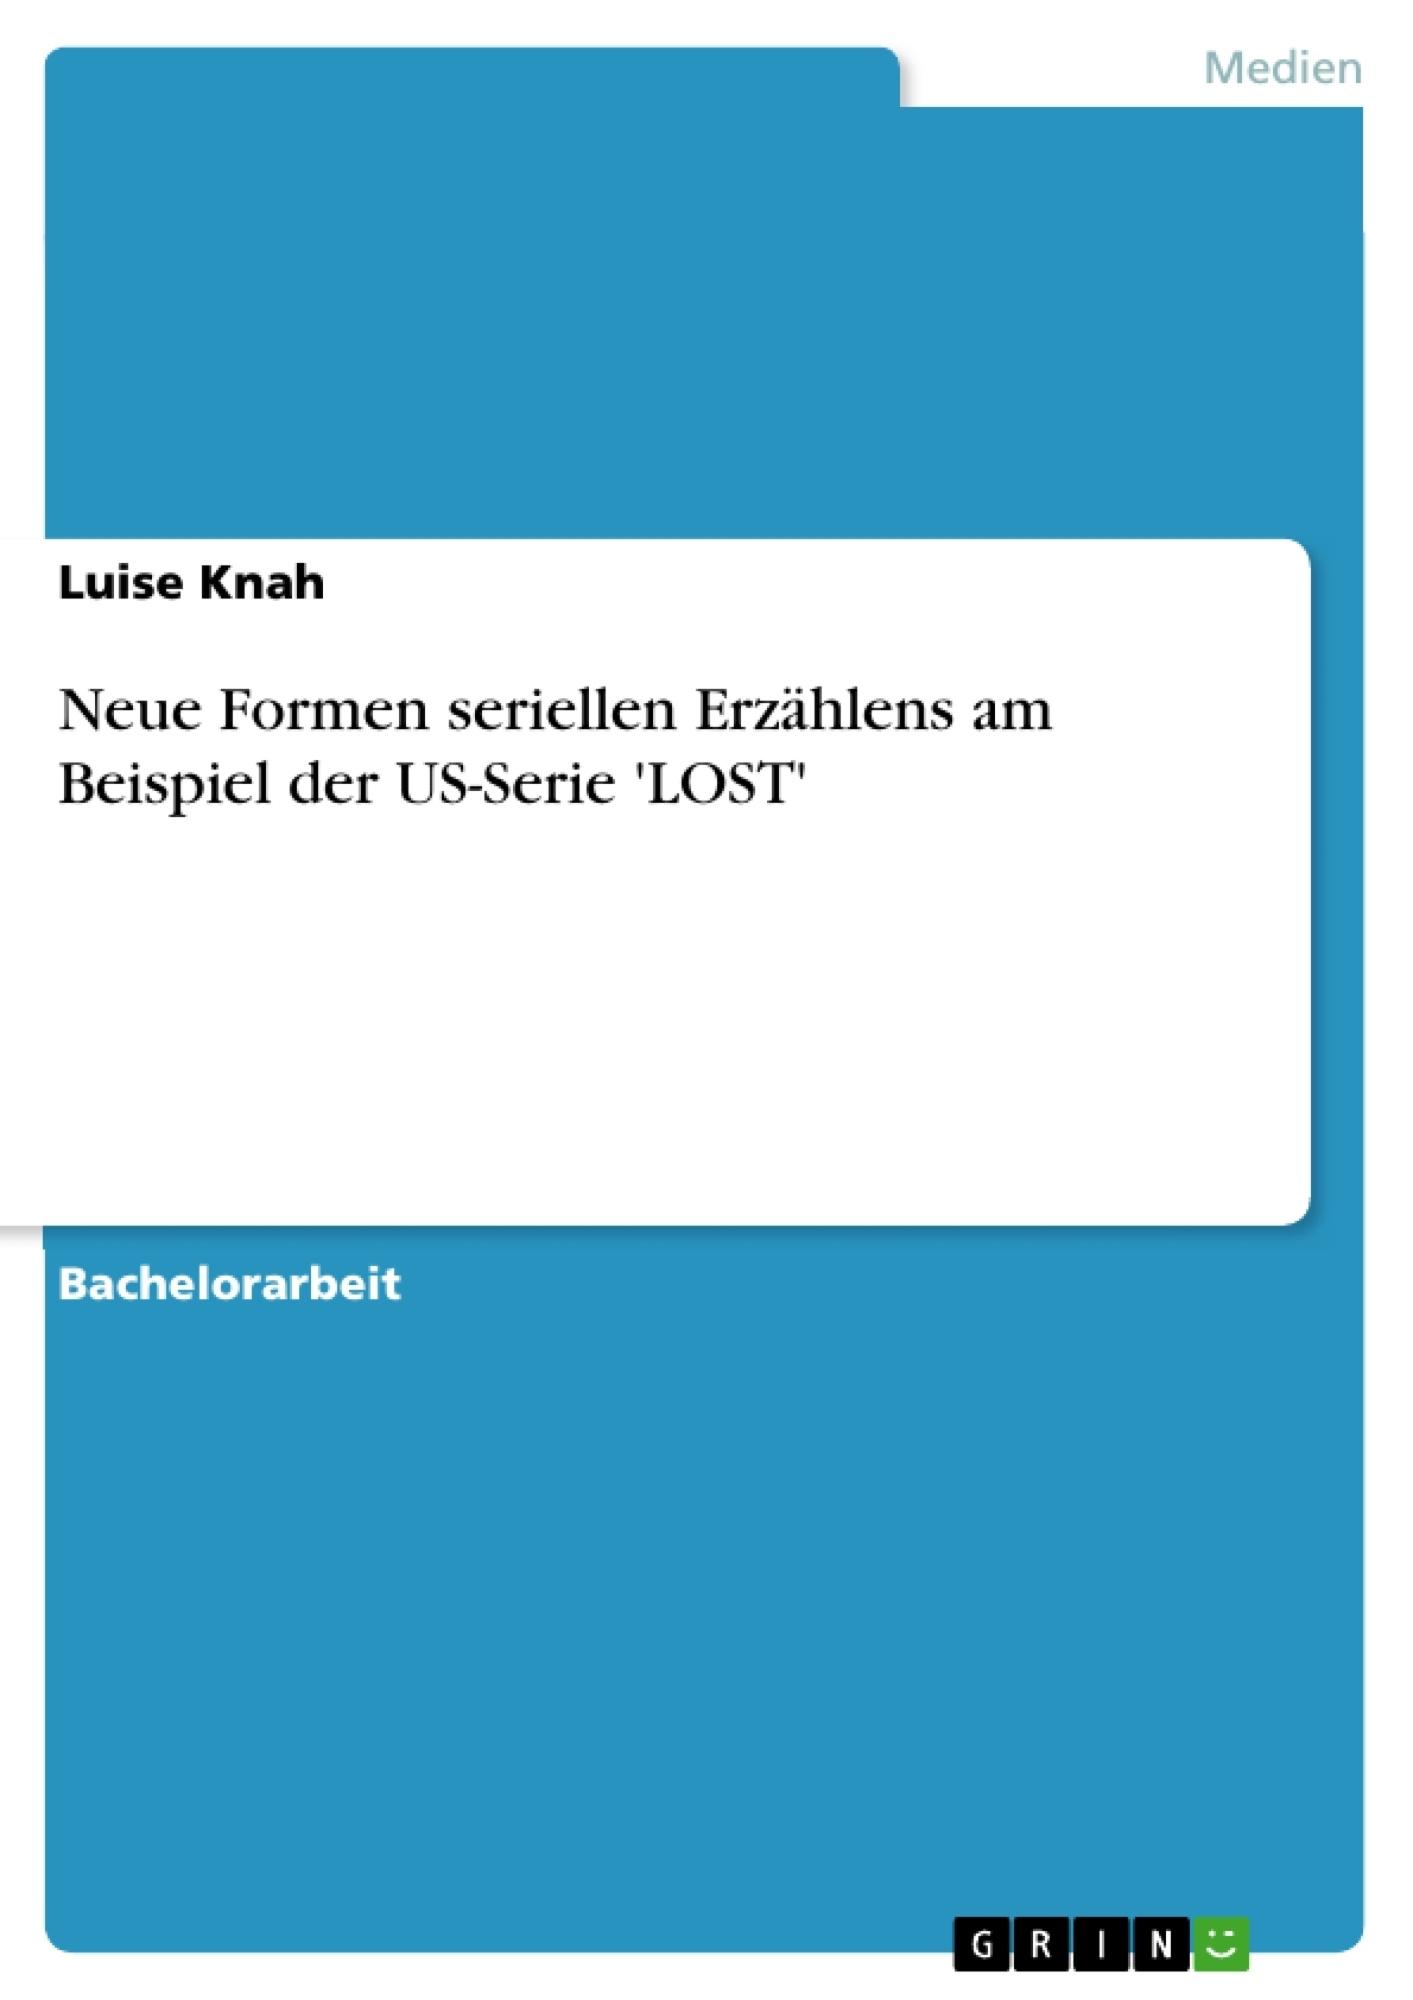 Titel: Neue Formen seriellen Erzählens am Beispiel der US-Serie 'LOST'